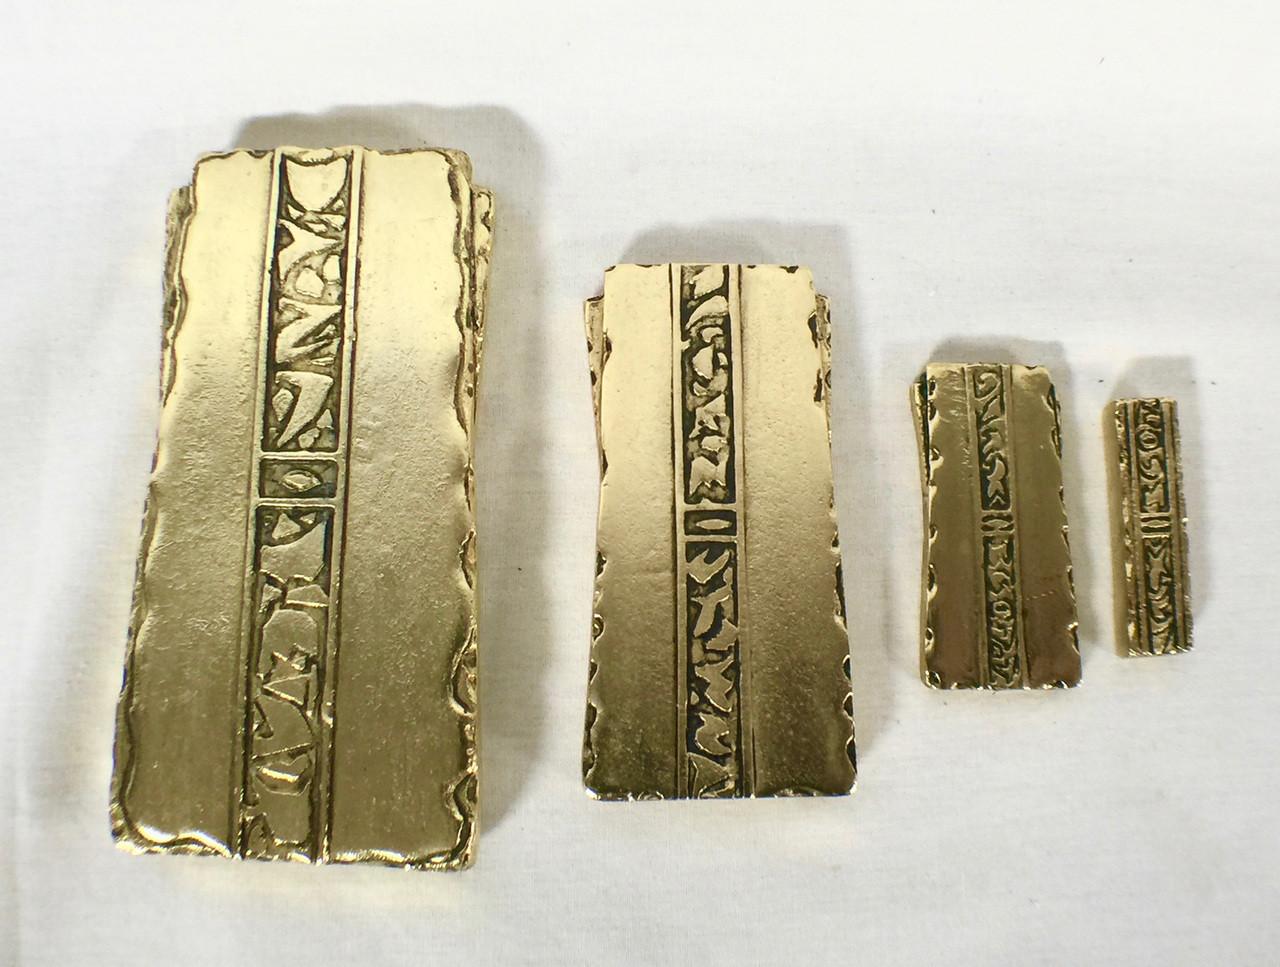 Star Trek, Deep Space Nine, Gold Pressed Latinum Set, Solid Metal - Reel Art